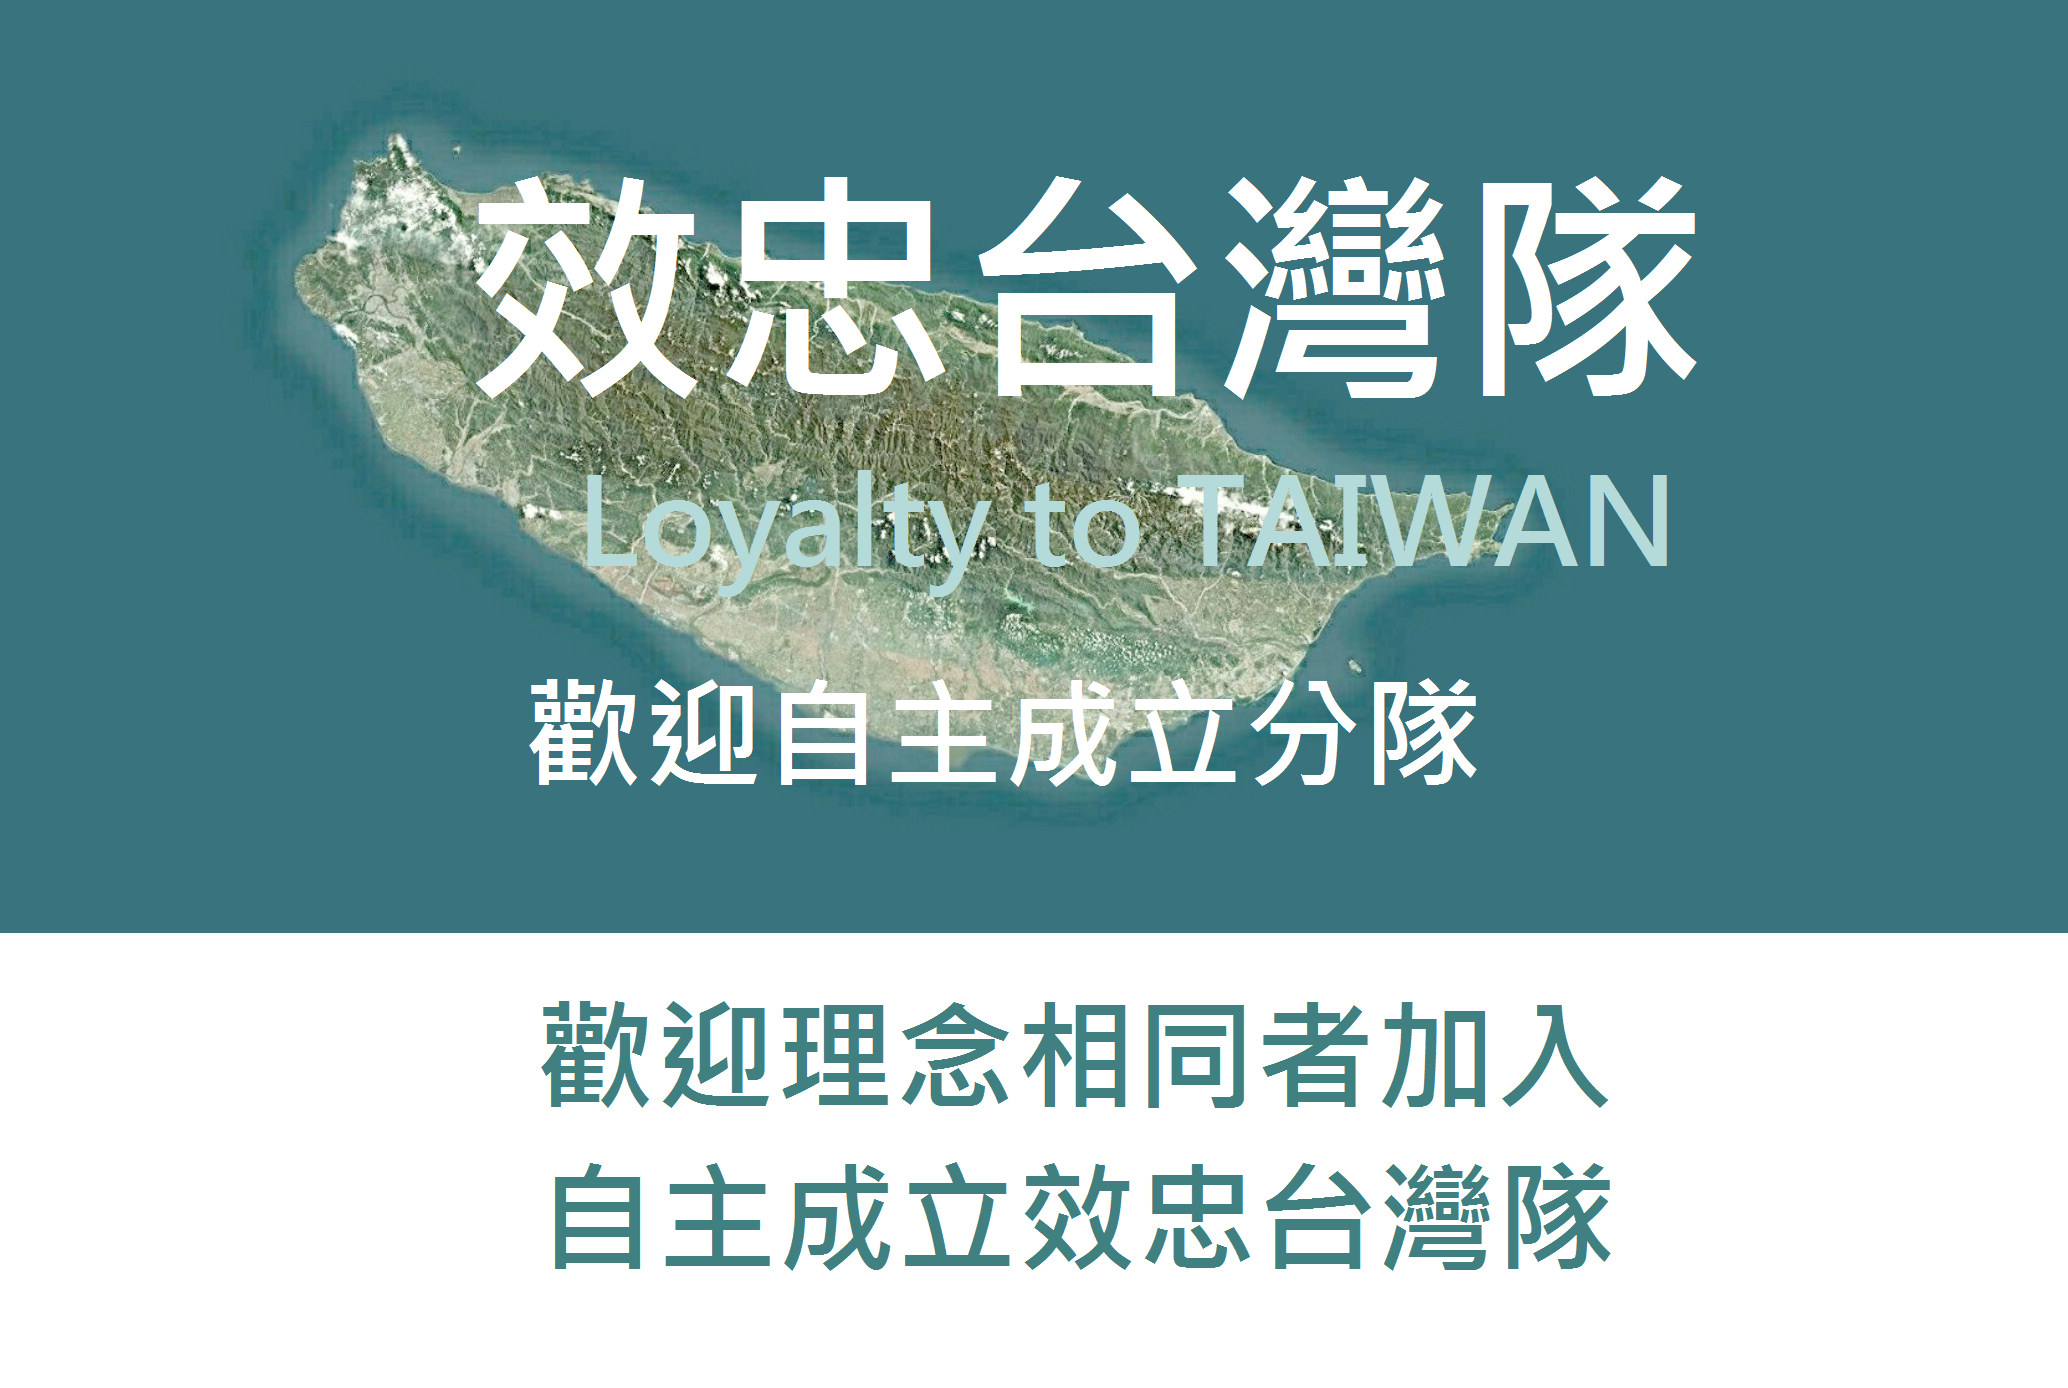 誰來效忠台灣? +效忠台灣隊好友